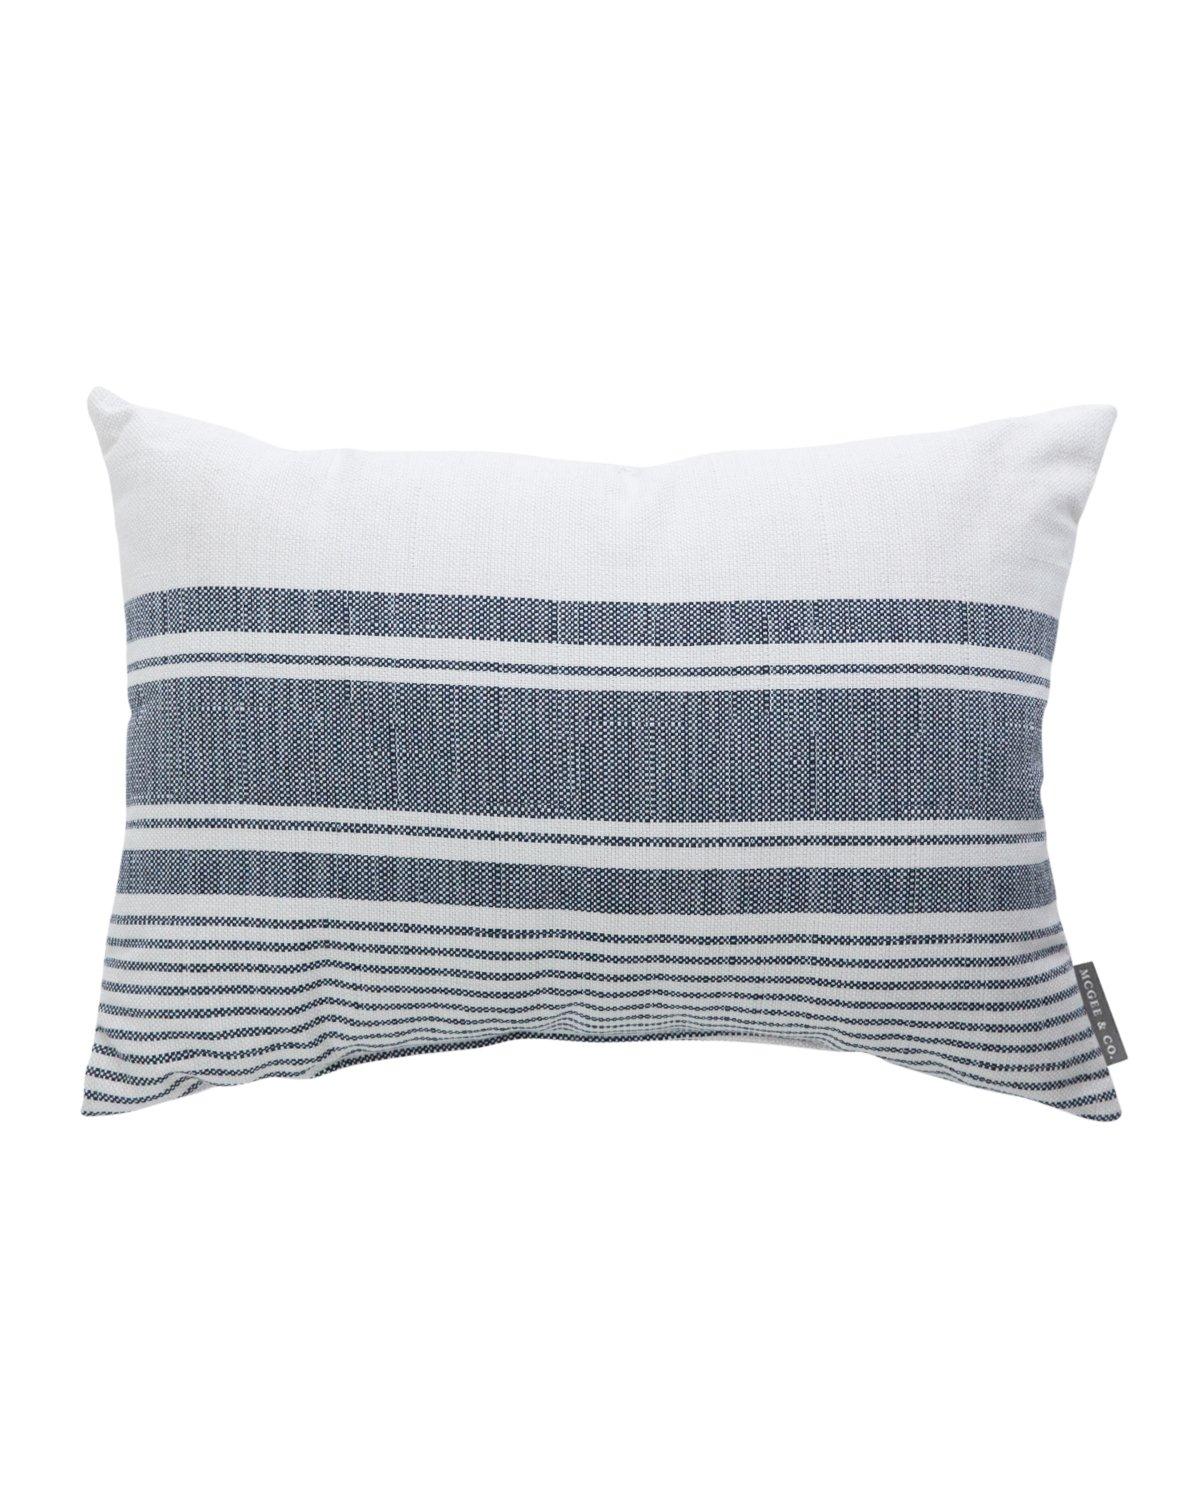 Sierra_Stripe_Indoor_Outdoor_Pillow2_f75324f0-fcd9-40d8-baba-e9d7e42f34e6.jpg